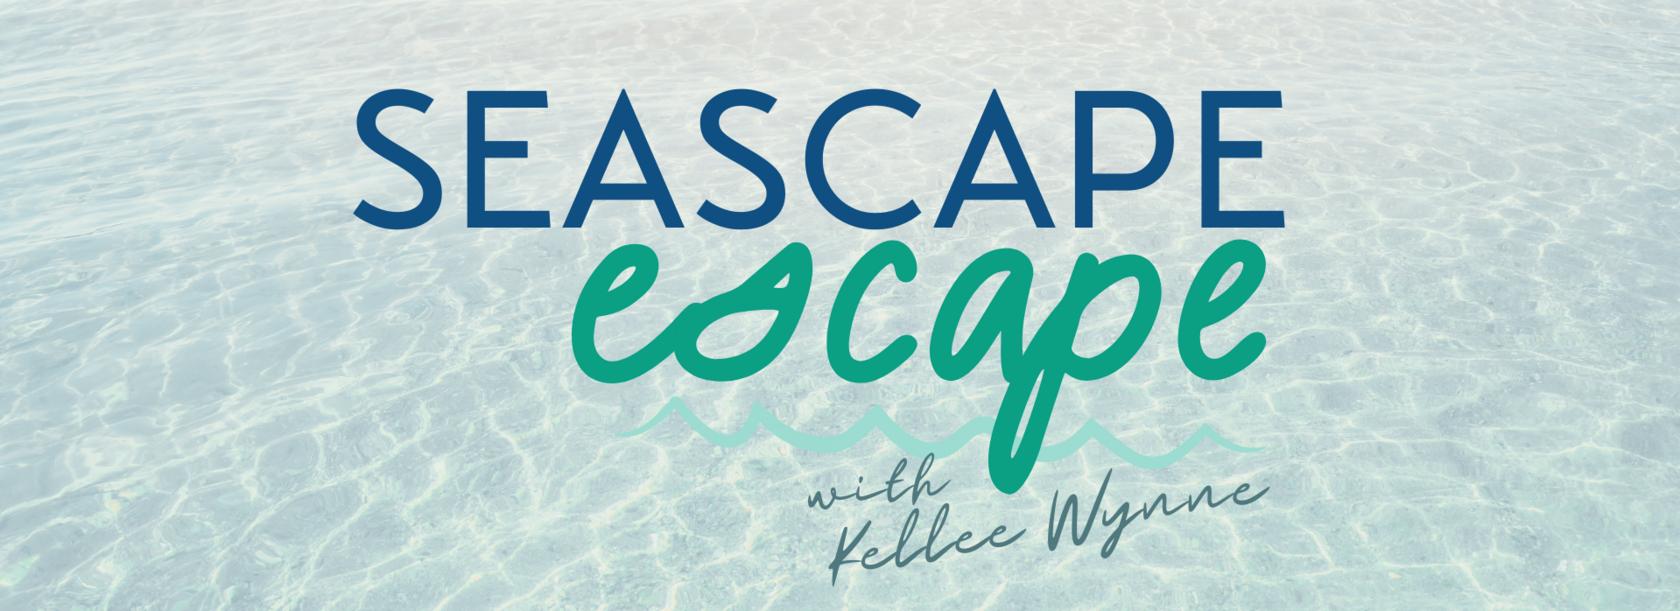 Seascape Escape with Kellee Wynne ocean (6)